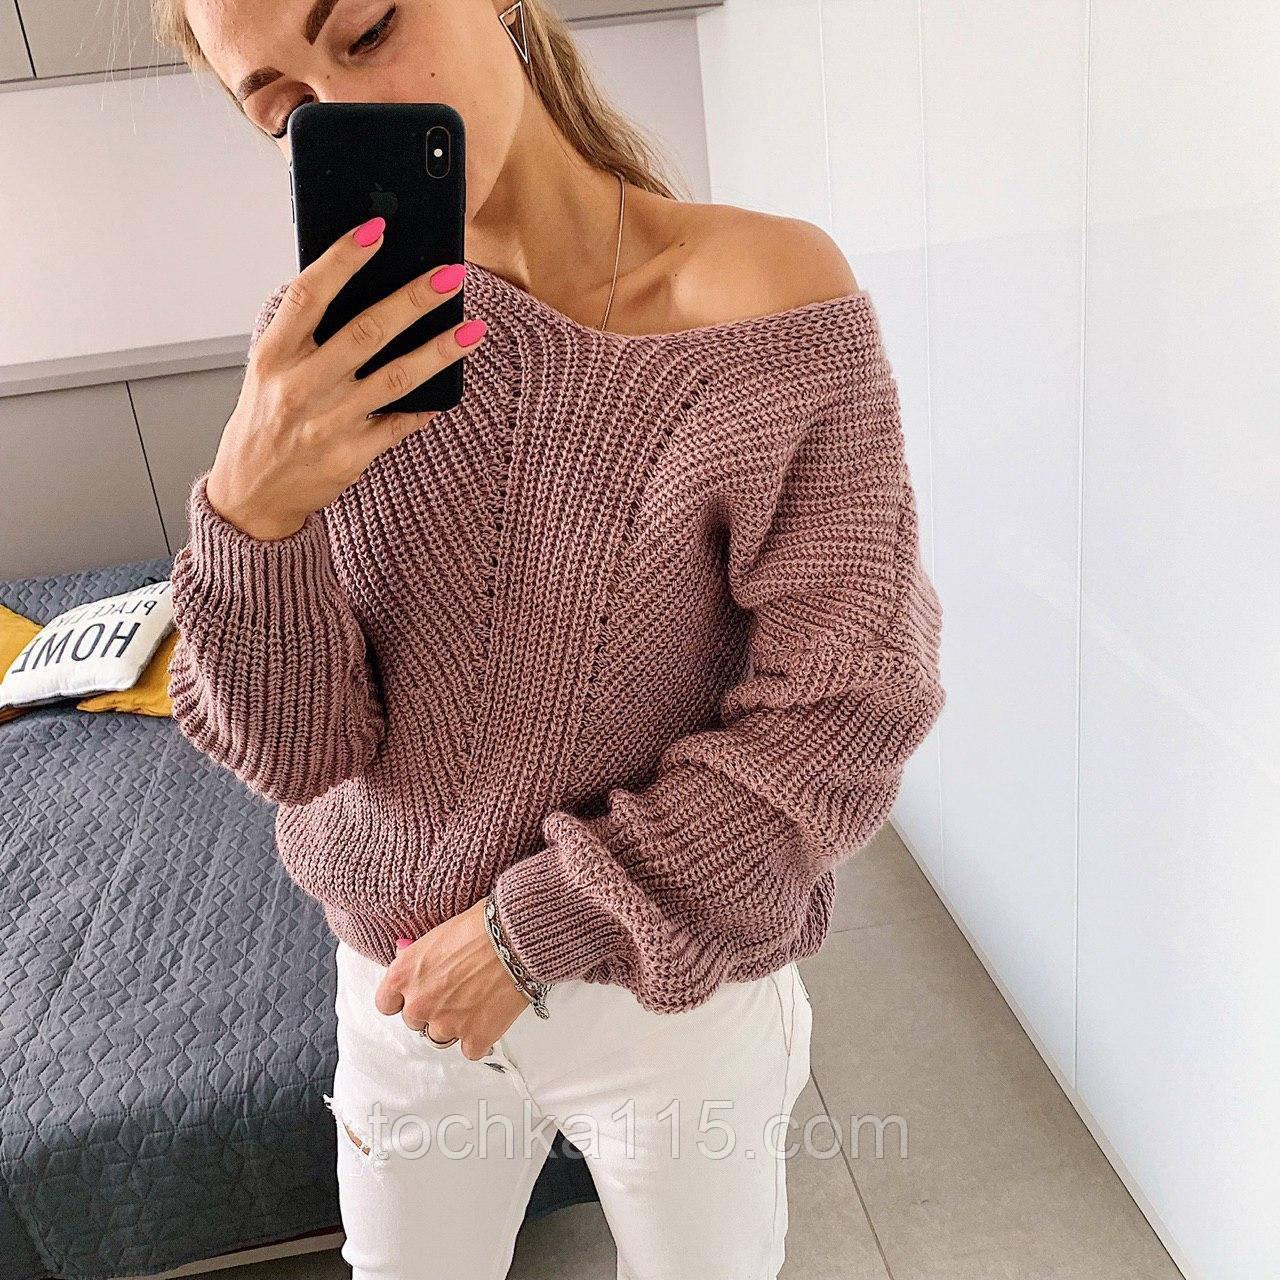 Ніжний в'язаний светр з коміром мис, 42-46 рр, колір пудра